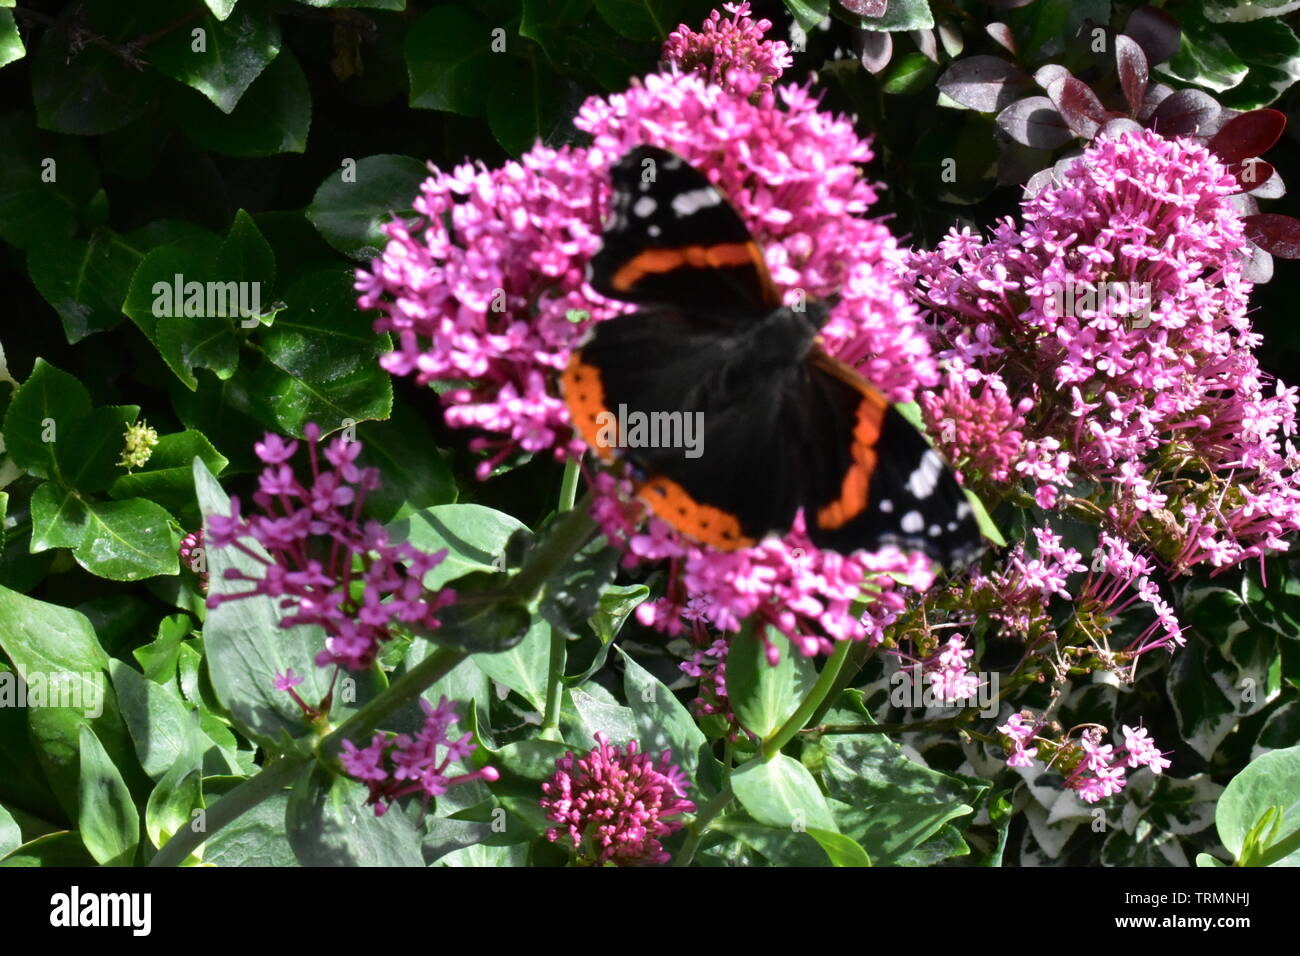 Red Admiral Schmetterling aussteigen auf Rosa Eisenkraut blühende Pflanze, (Ventnor, Isle of Wight, Großbritannien). Stockbild